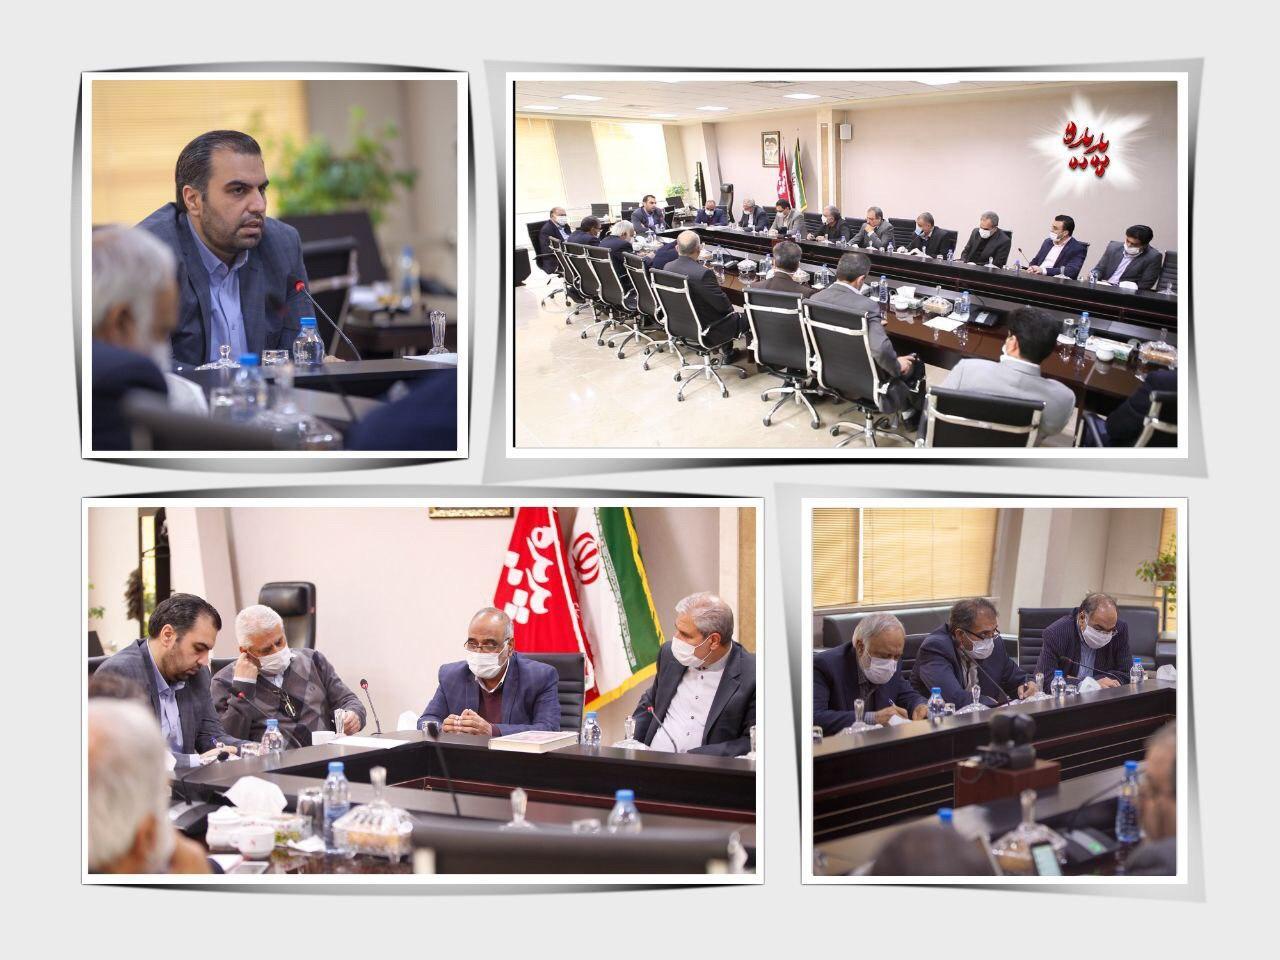 نخستین جلسه شورای مدیران پدیده شاندیز برگزار شد